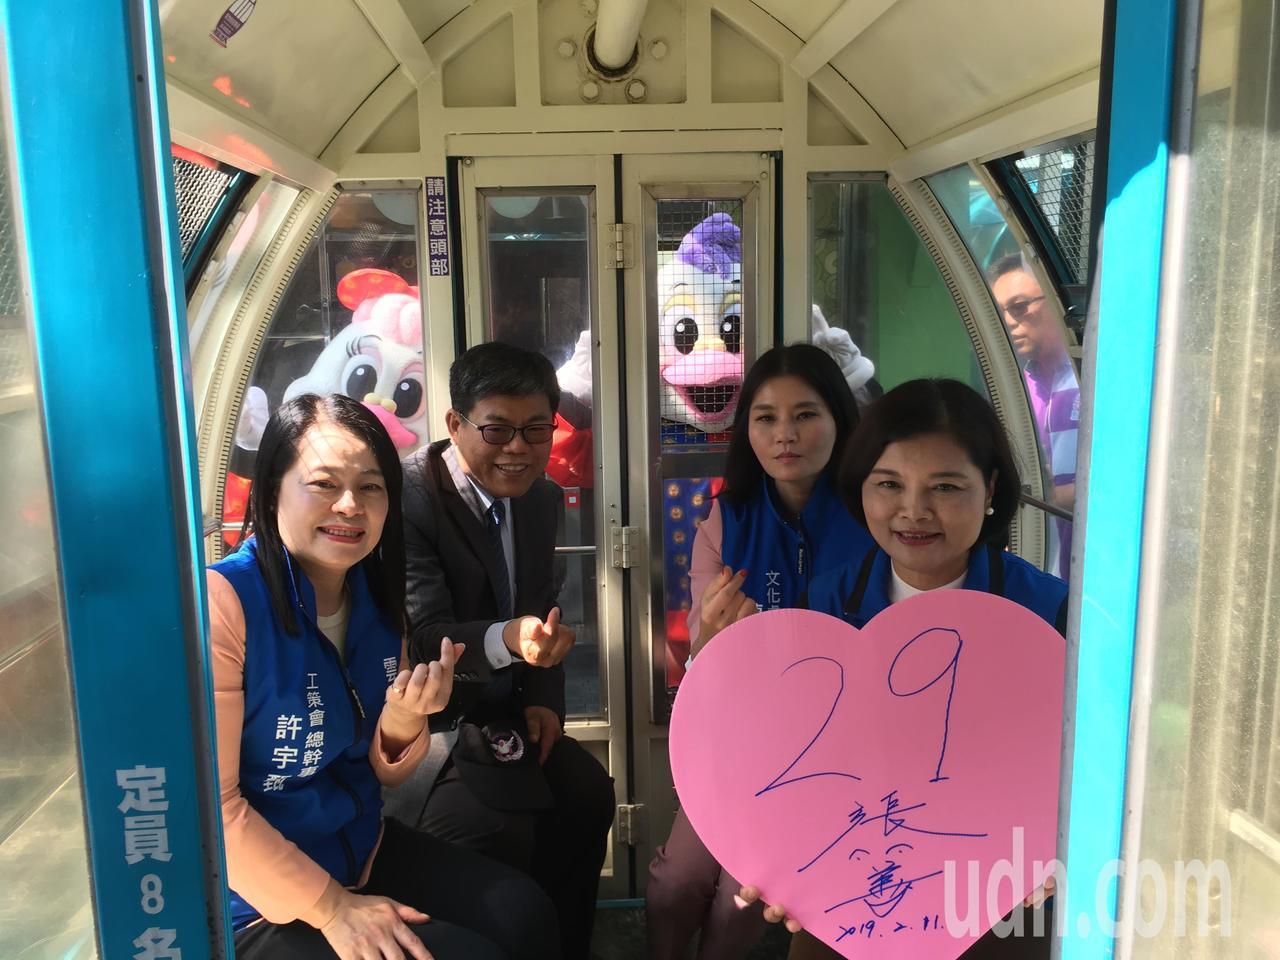 雲林縣政府與劍湖山世界主題樂園合作,啟動幸福摩天輪,將提供50對情侶免費入園搭乘...